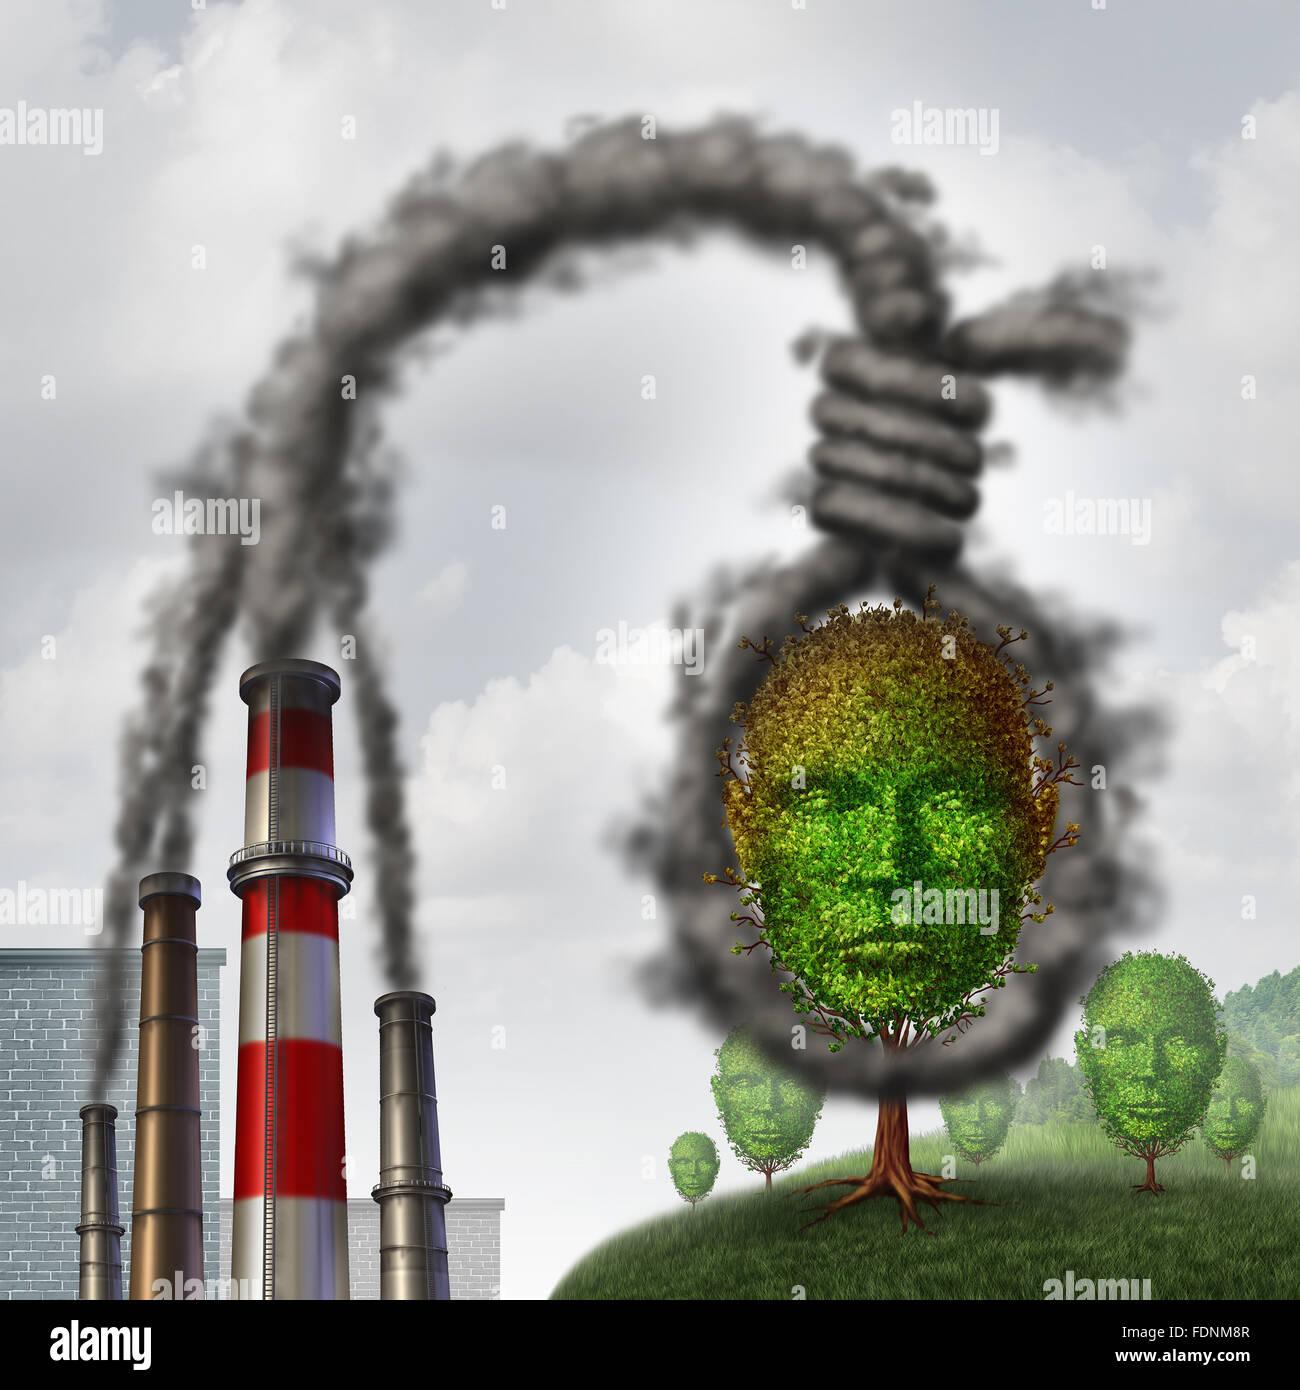 Concepto de suicidio ambiental como sucia contaminación industrial formado como una soga soga asfixia un árbol Imagen De Stock